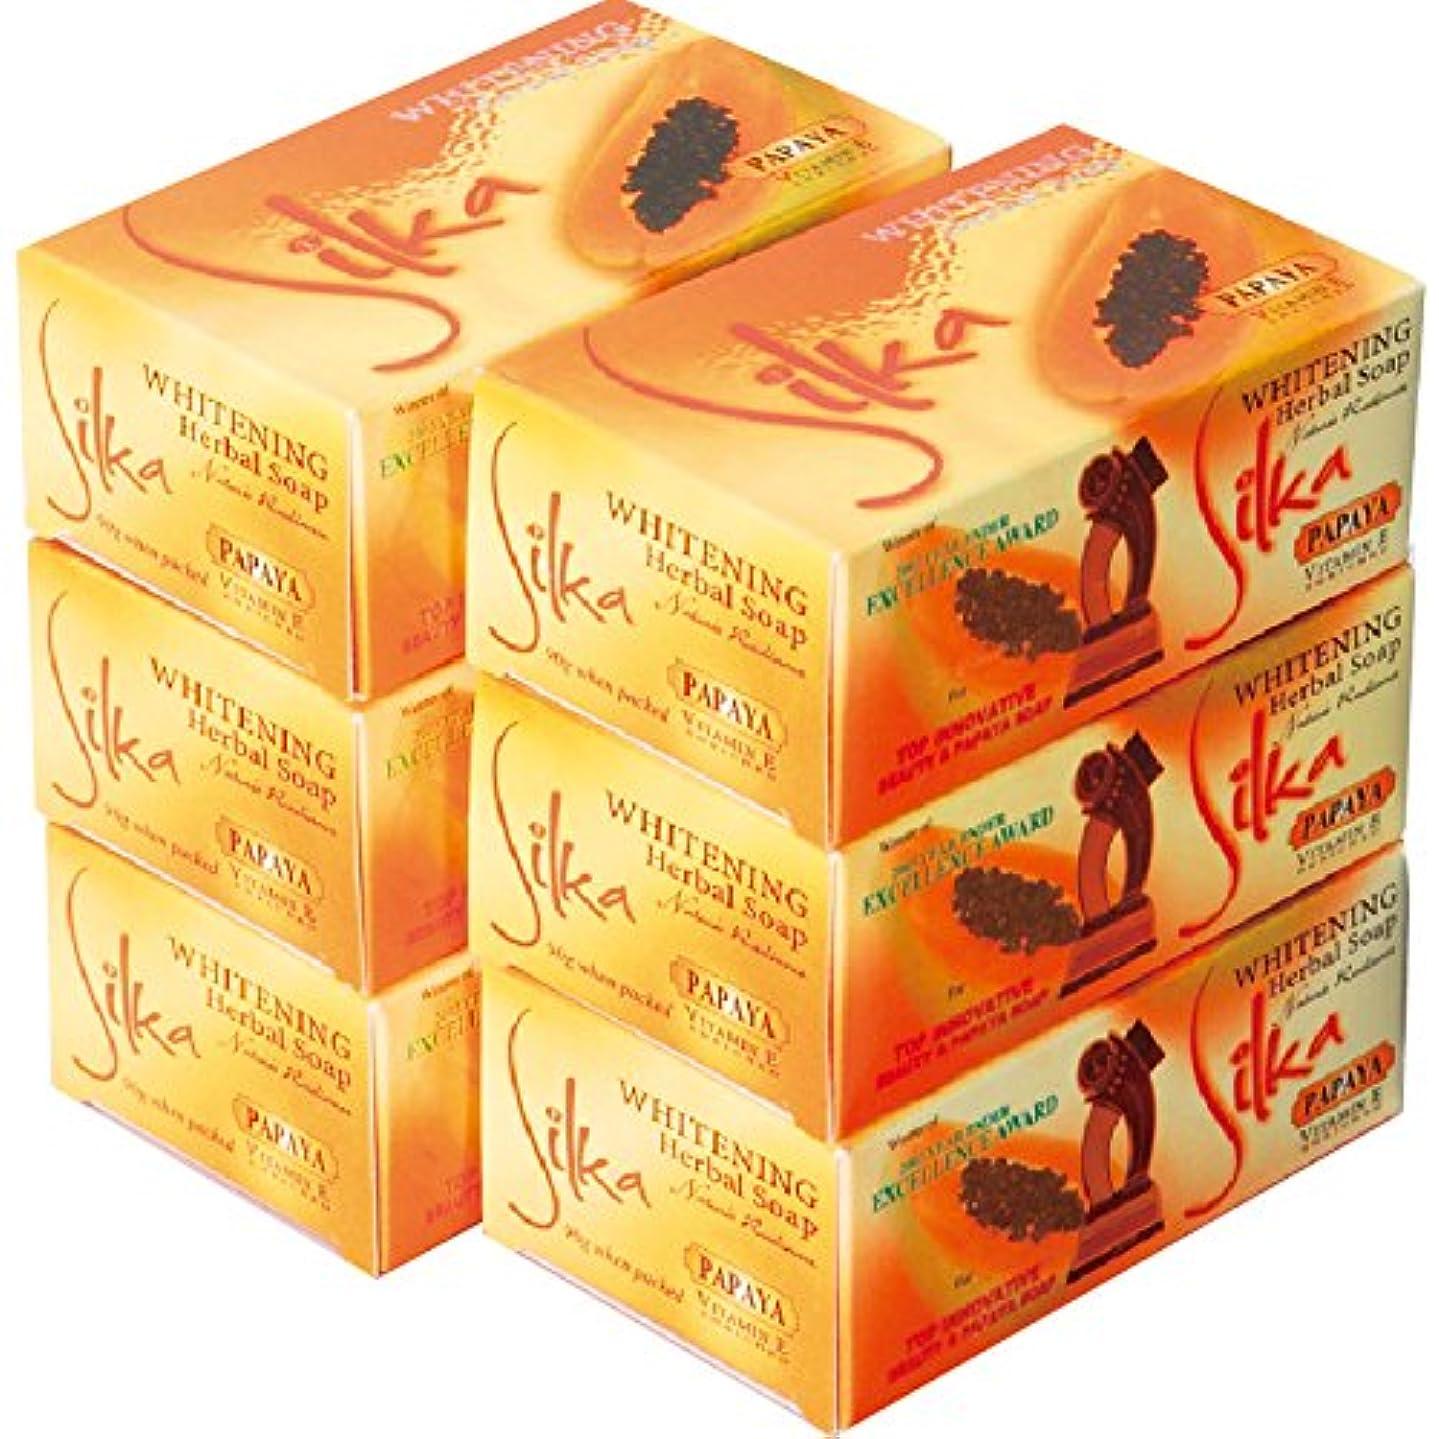 おばあさんすべて顔料フィリピン 土産 シルカ パパイヤ石けん 6コセット (海外旅行 フィリピン お土産)